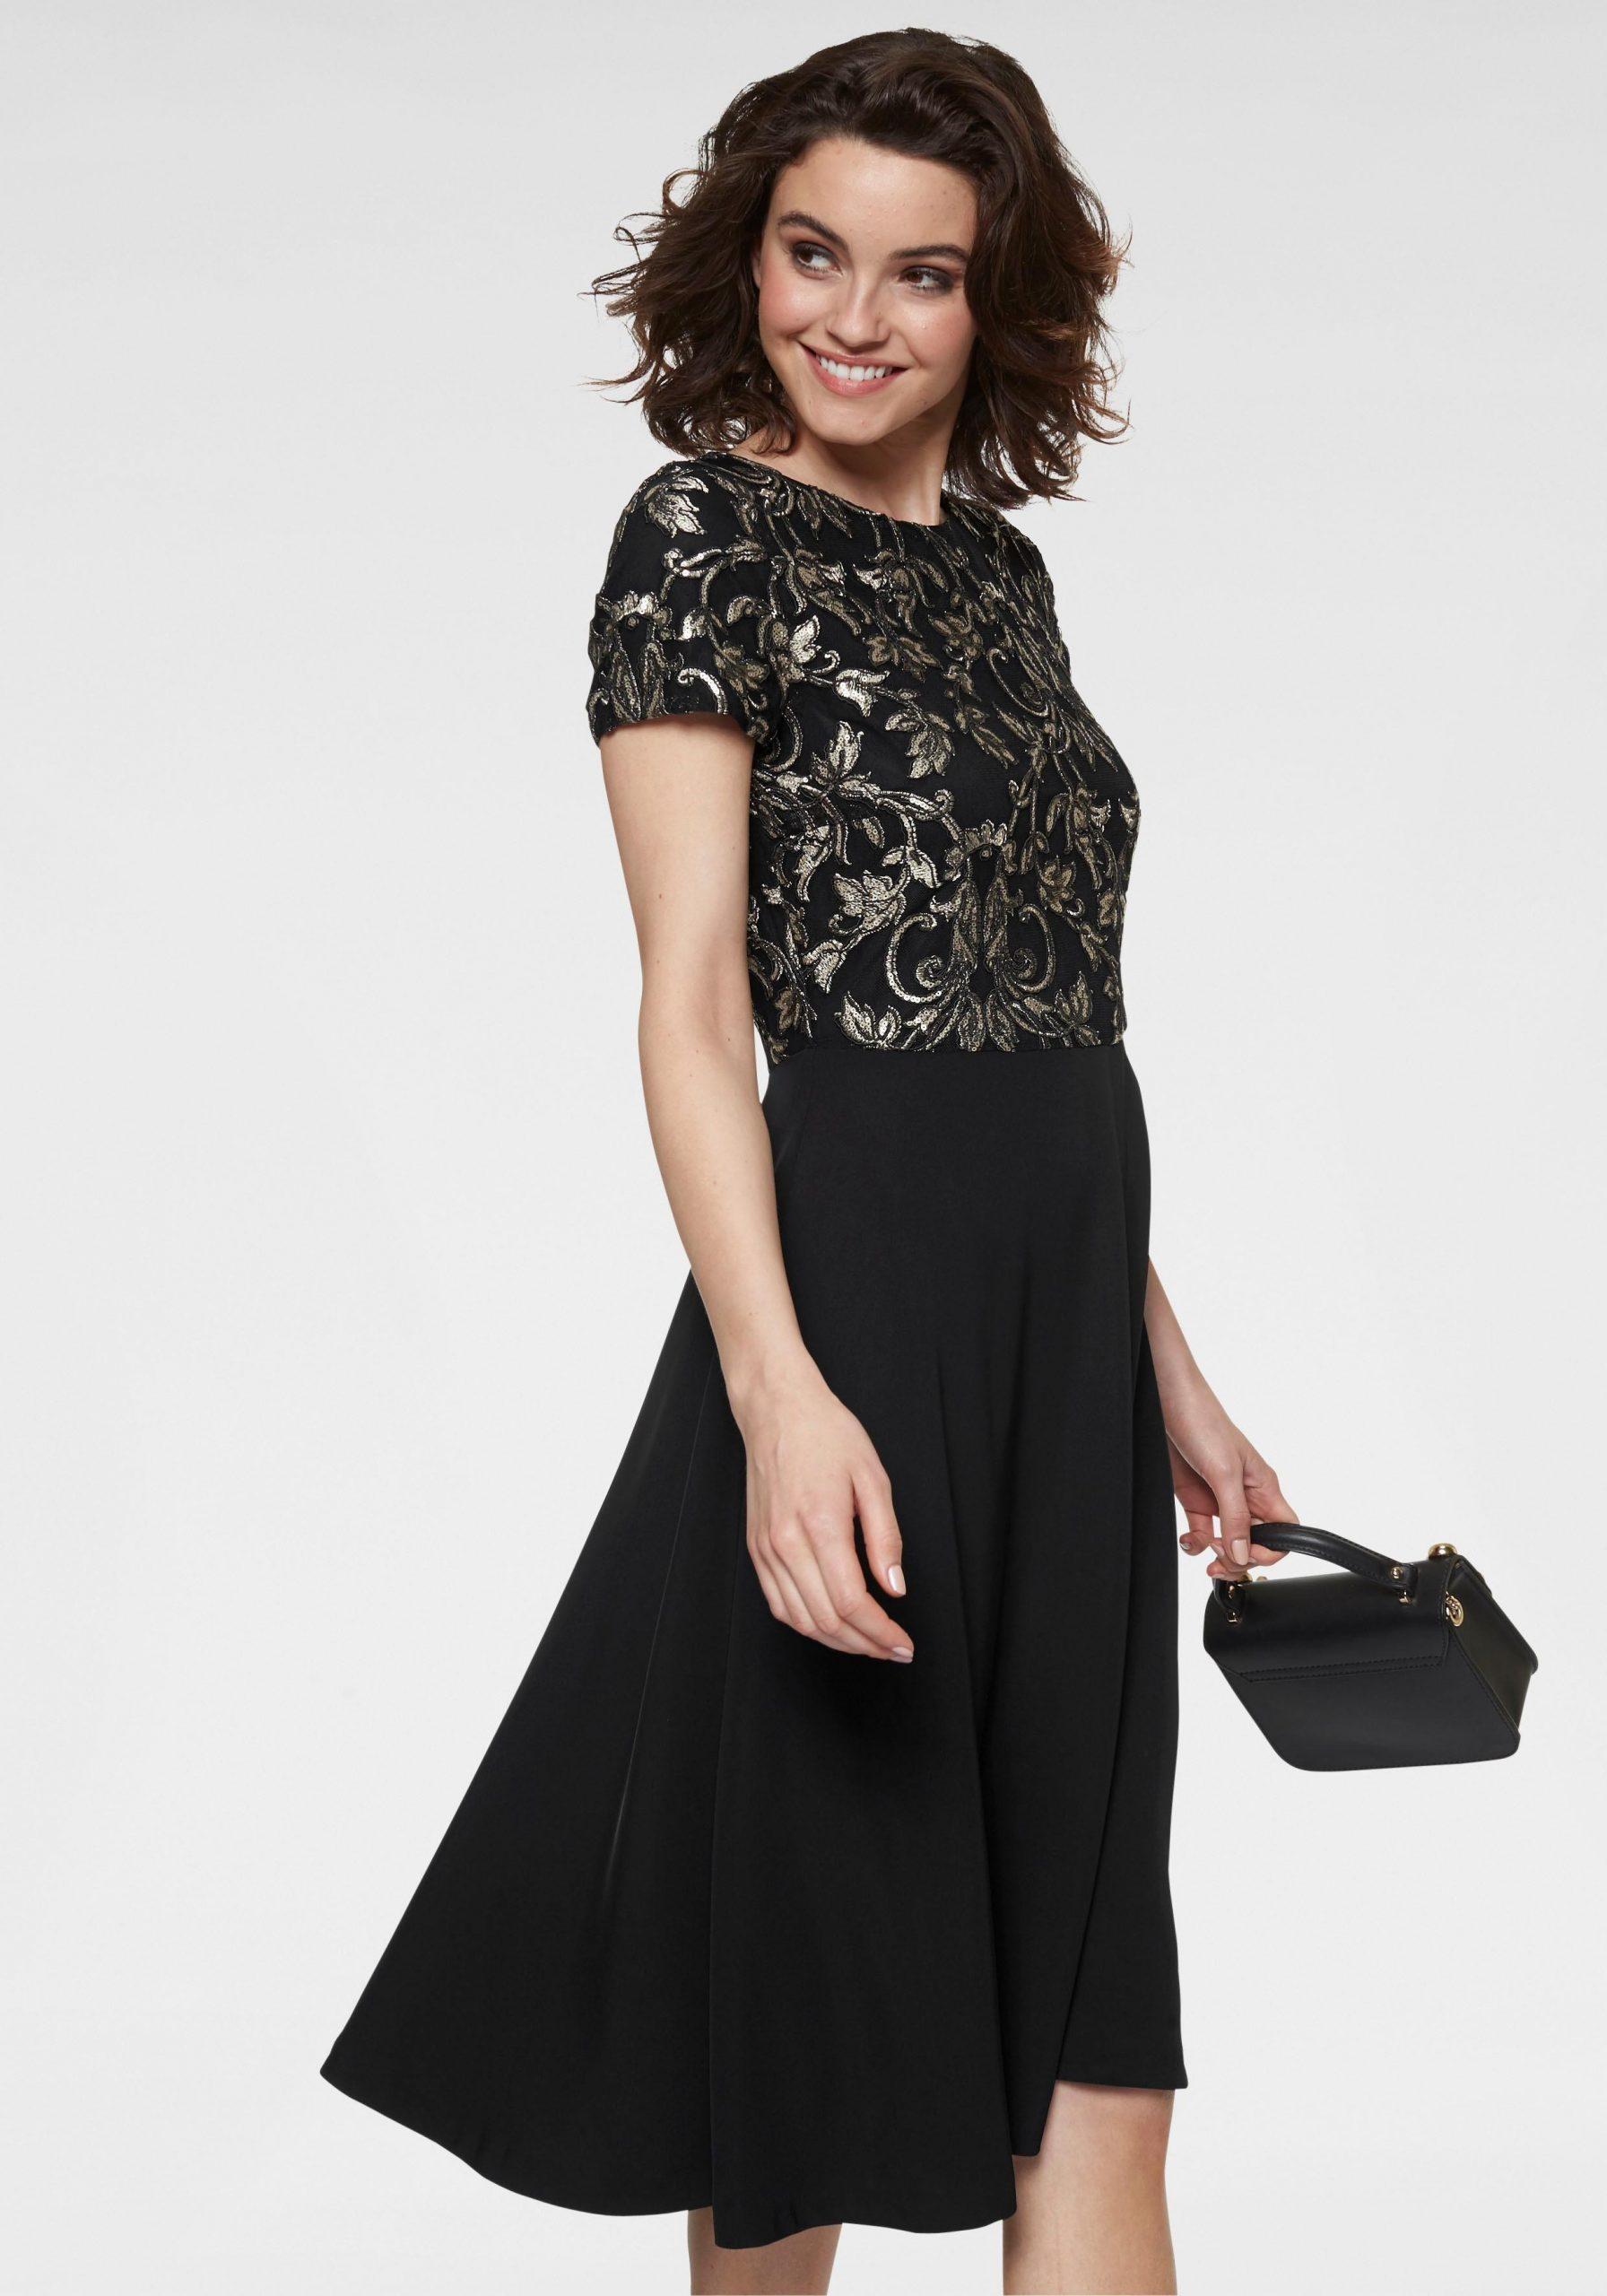 Perfekt Abend Dress Zara Vertrieb15 Schön Abend Dress Zara für 2019